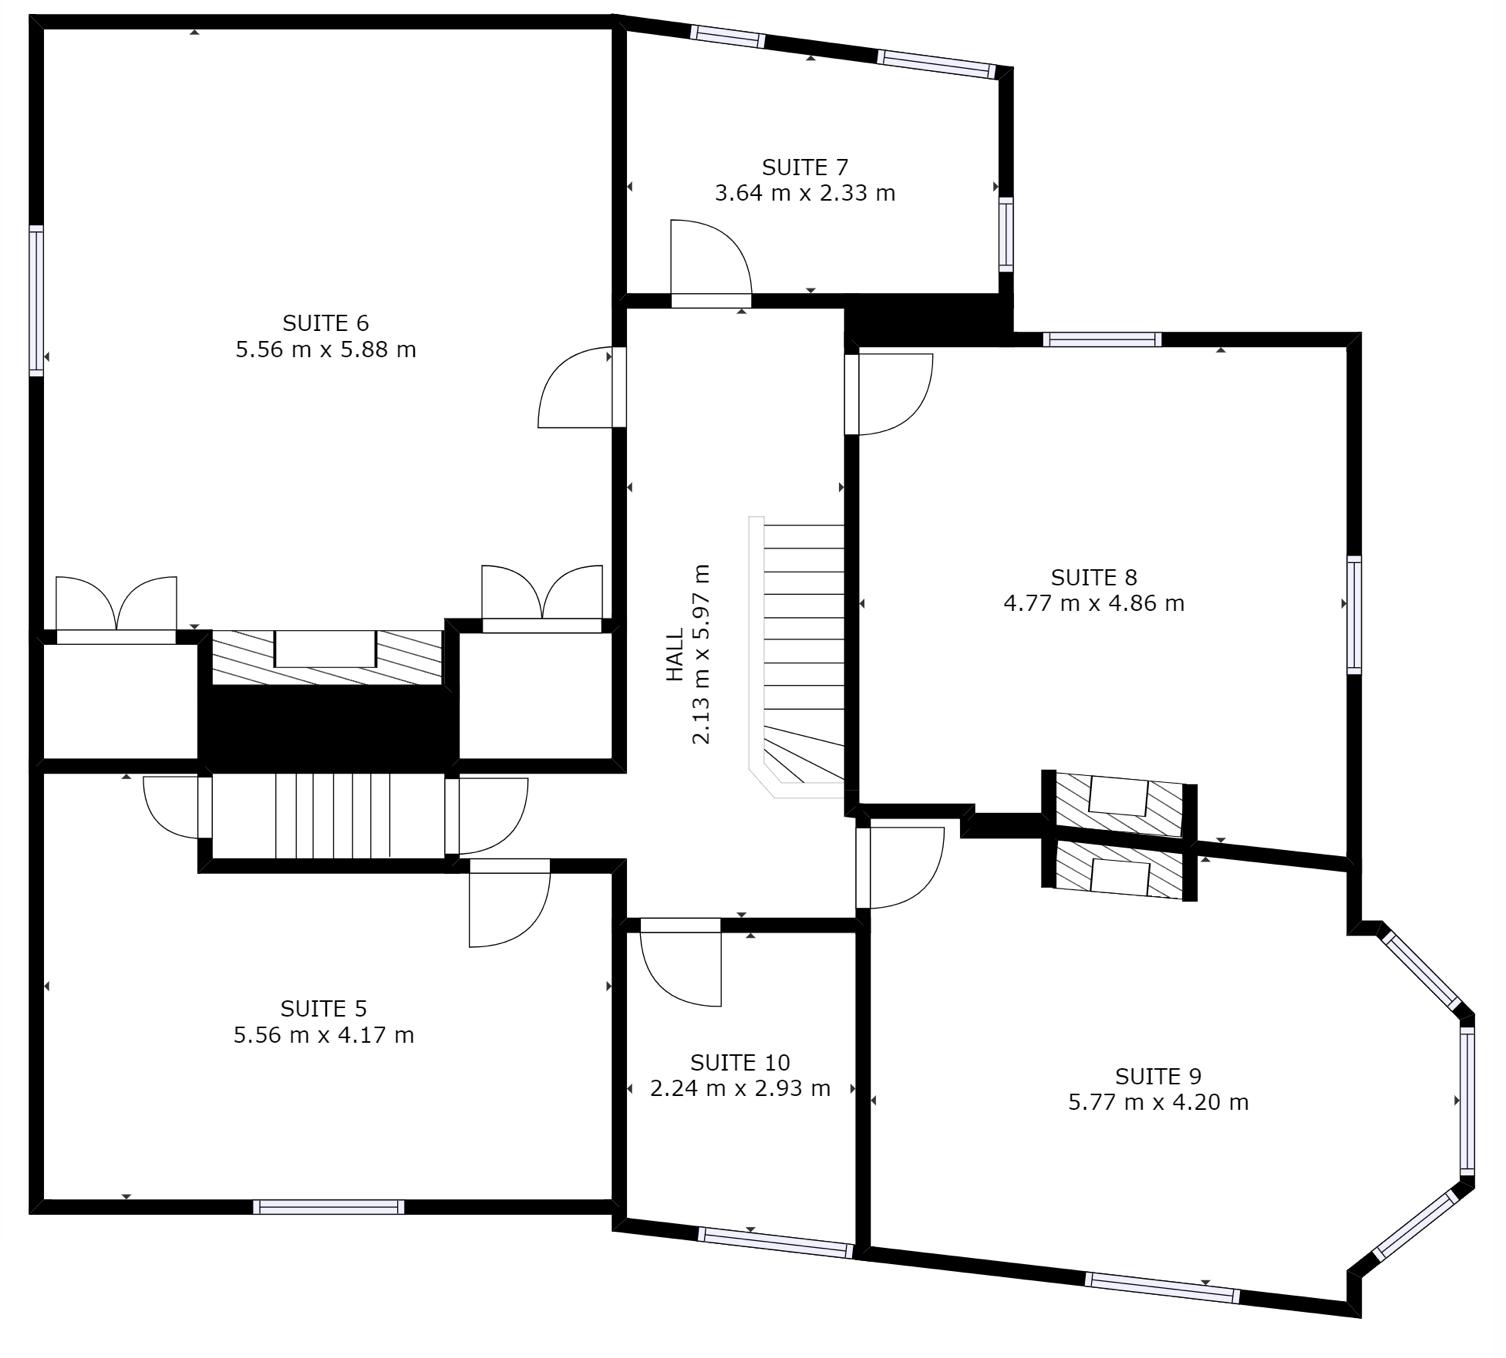 First floor of Hemel Hempstead business centre office space